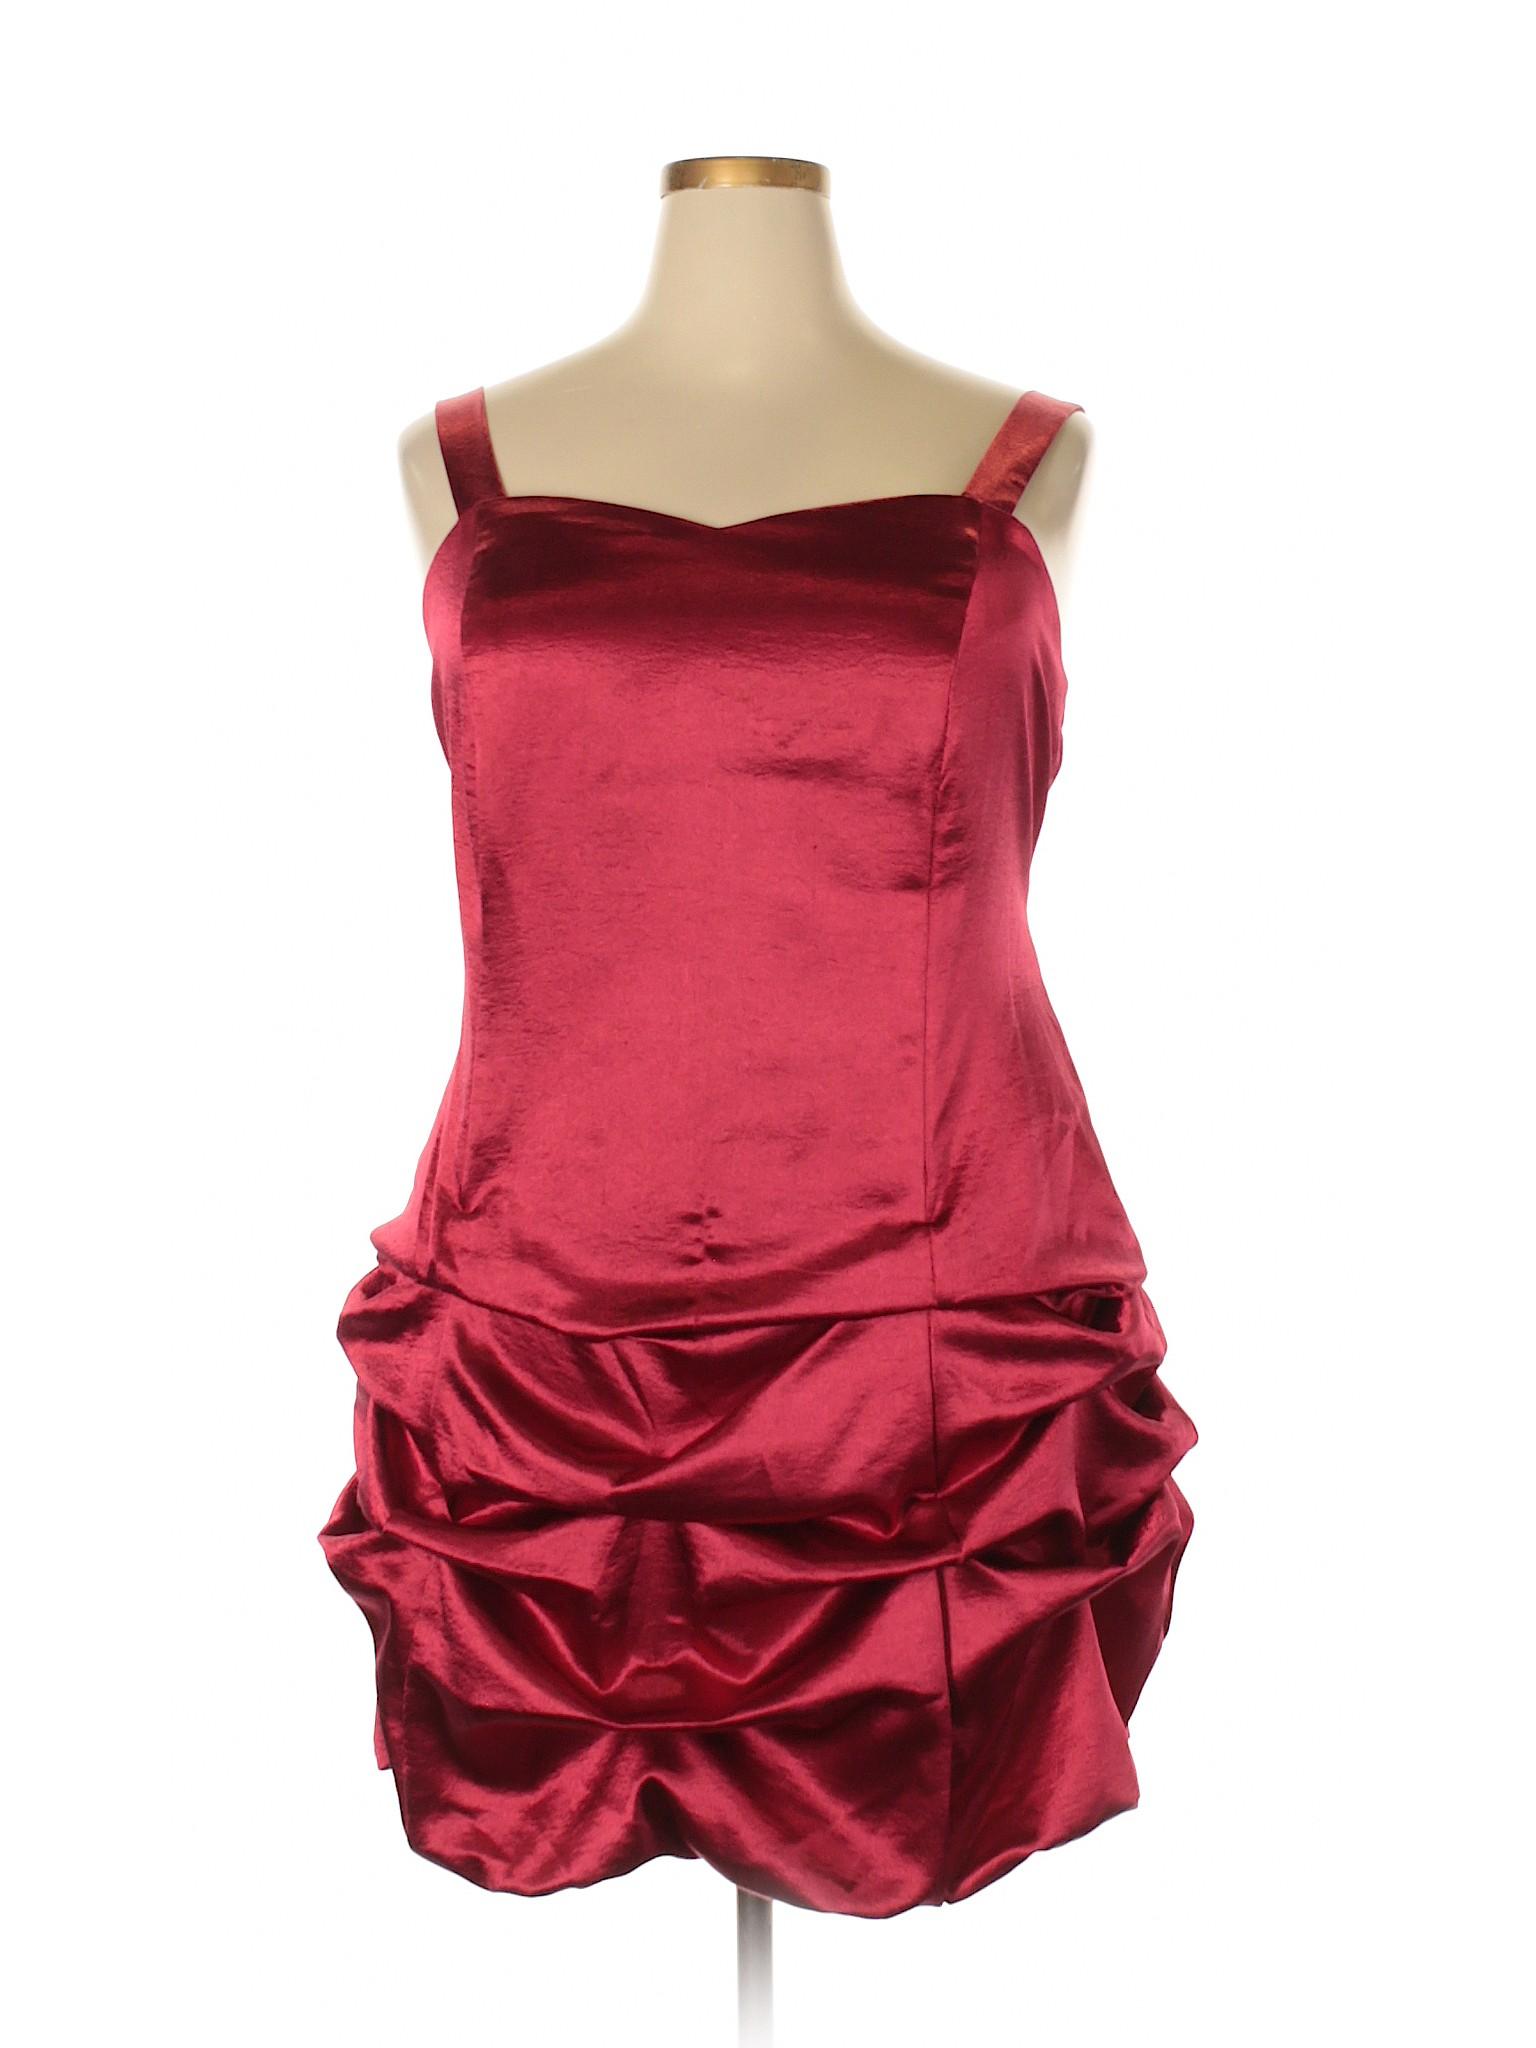 Selling Casual Dress Selling DressBarn Dress Selling DressBarn Casual DressBarn Casual cwR6YHRq